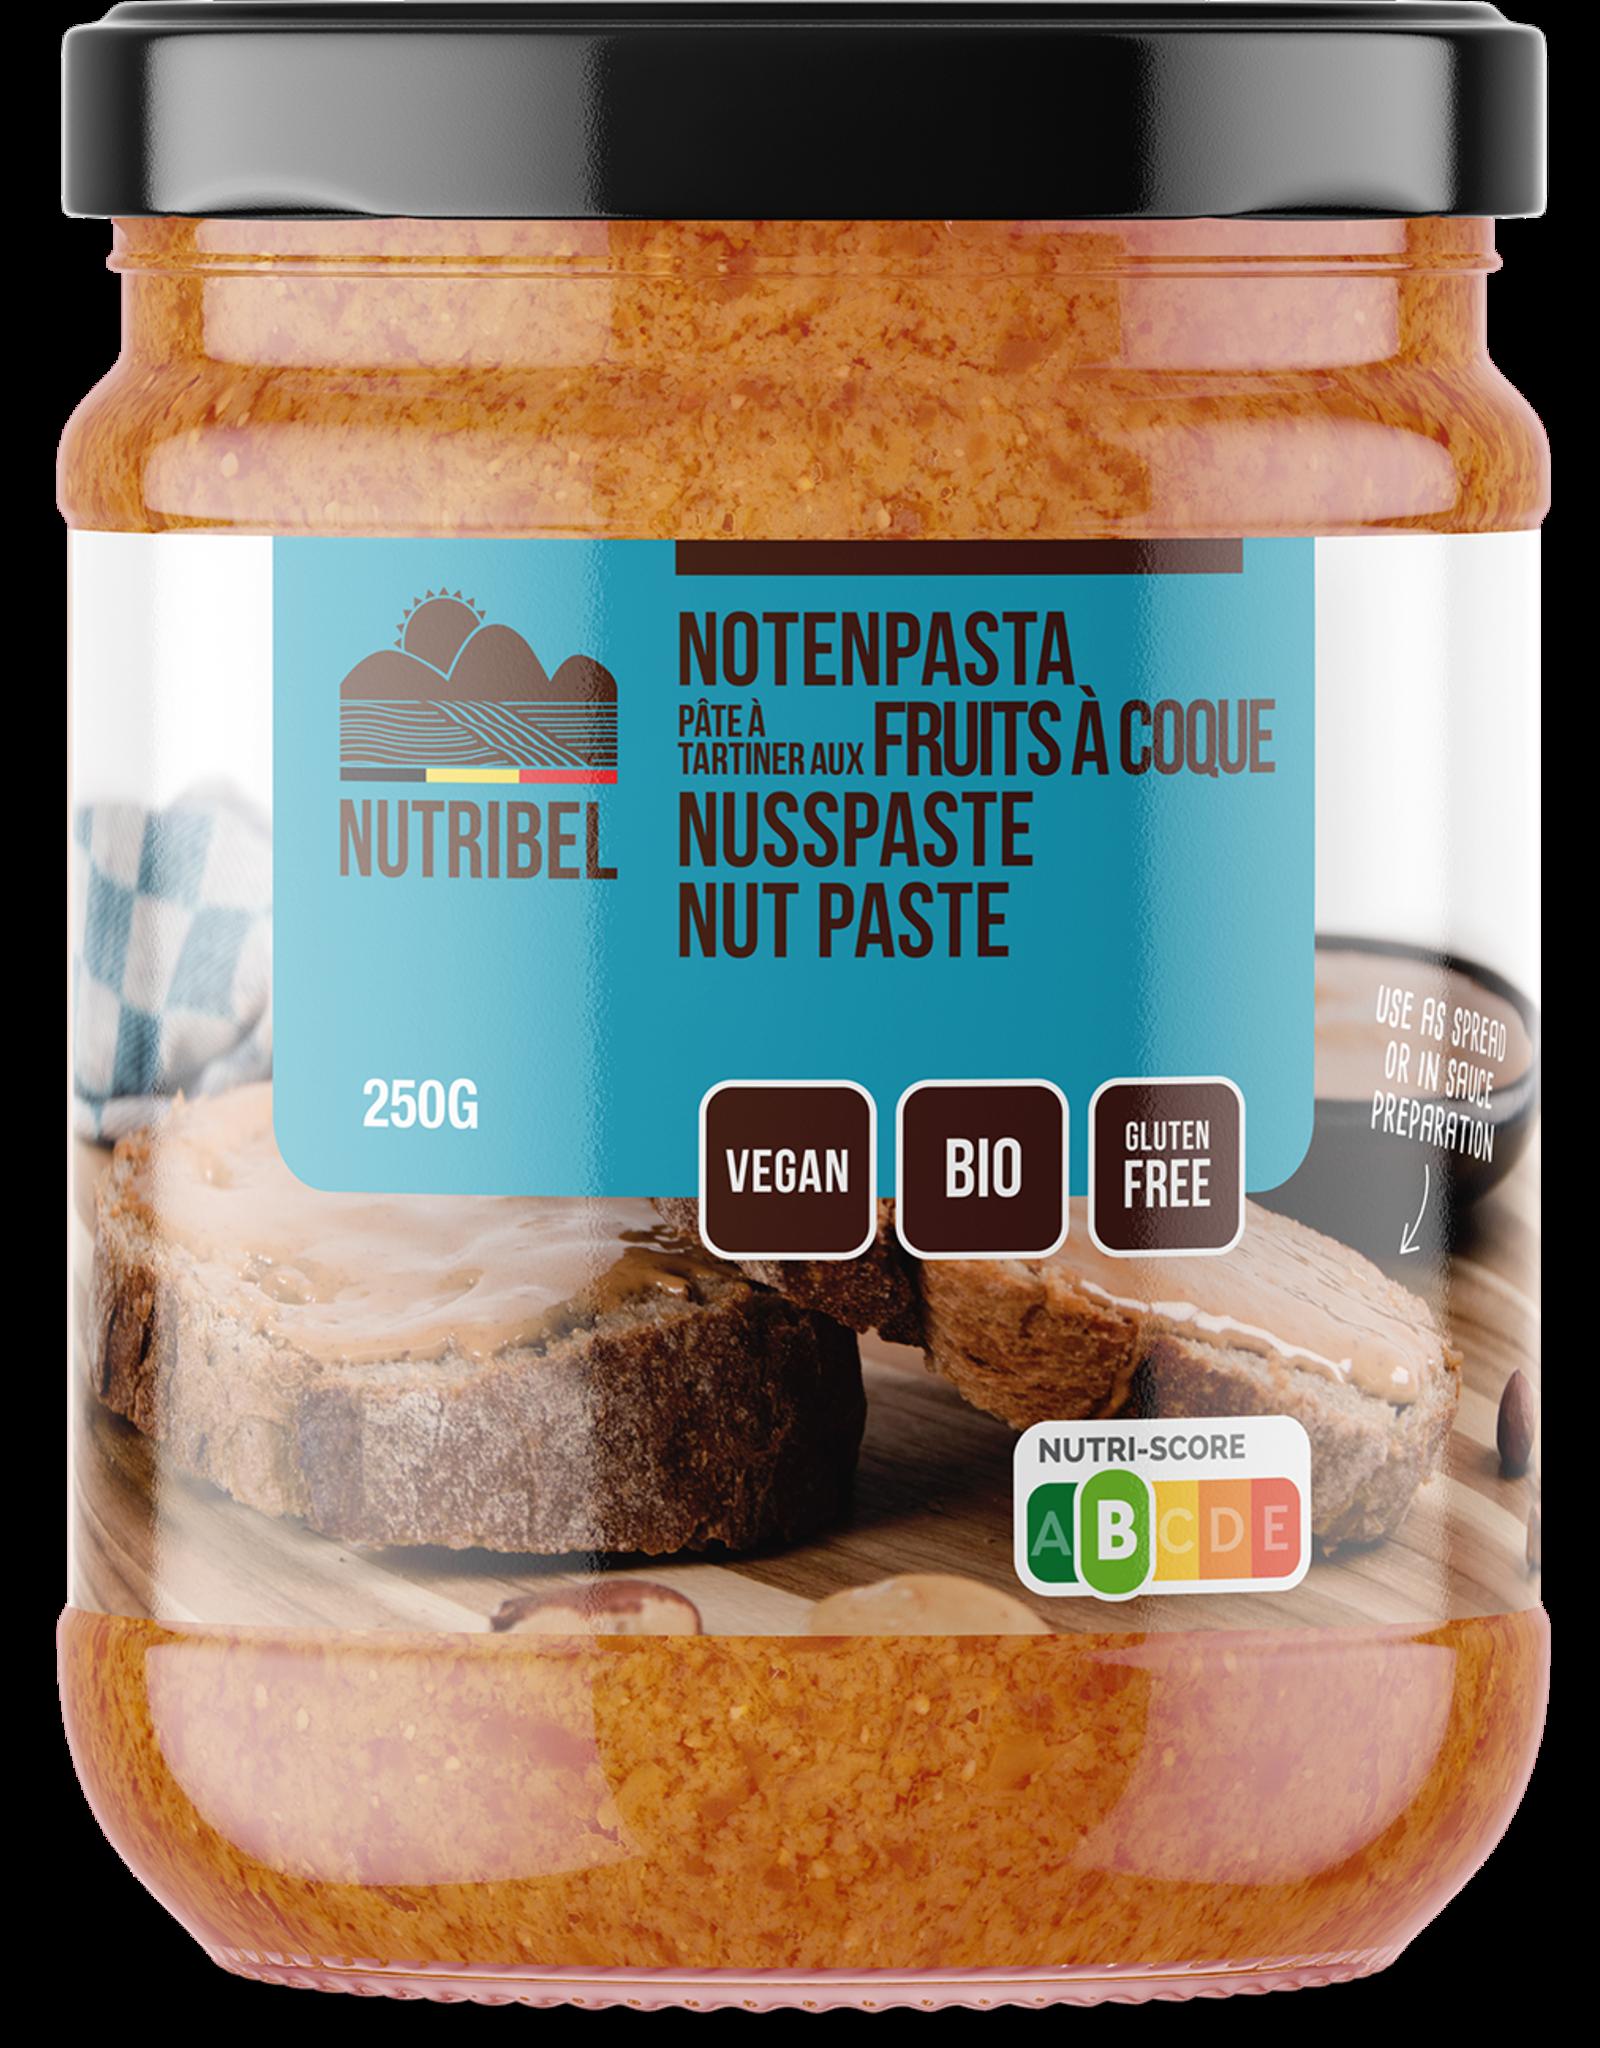 Nutribel Gemengde notenpasta bio 250g